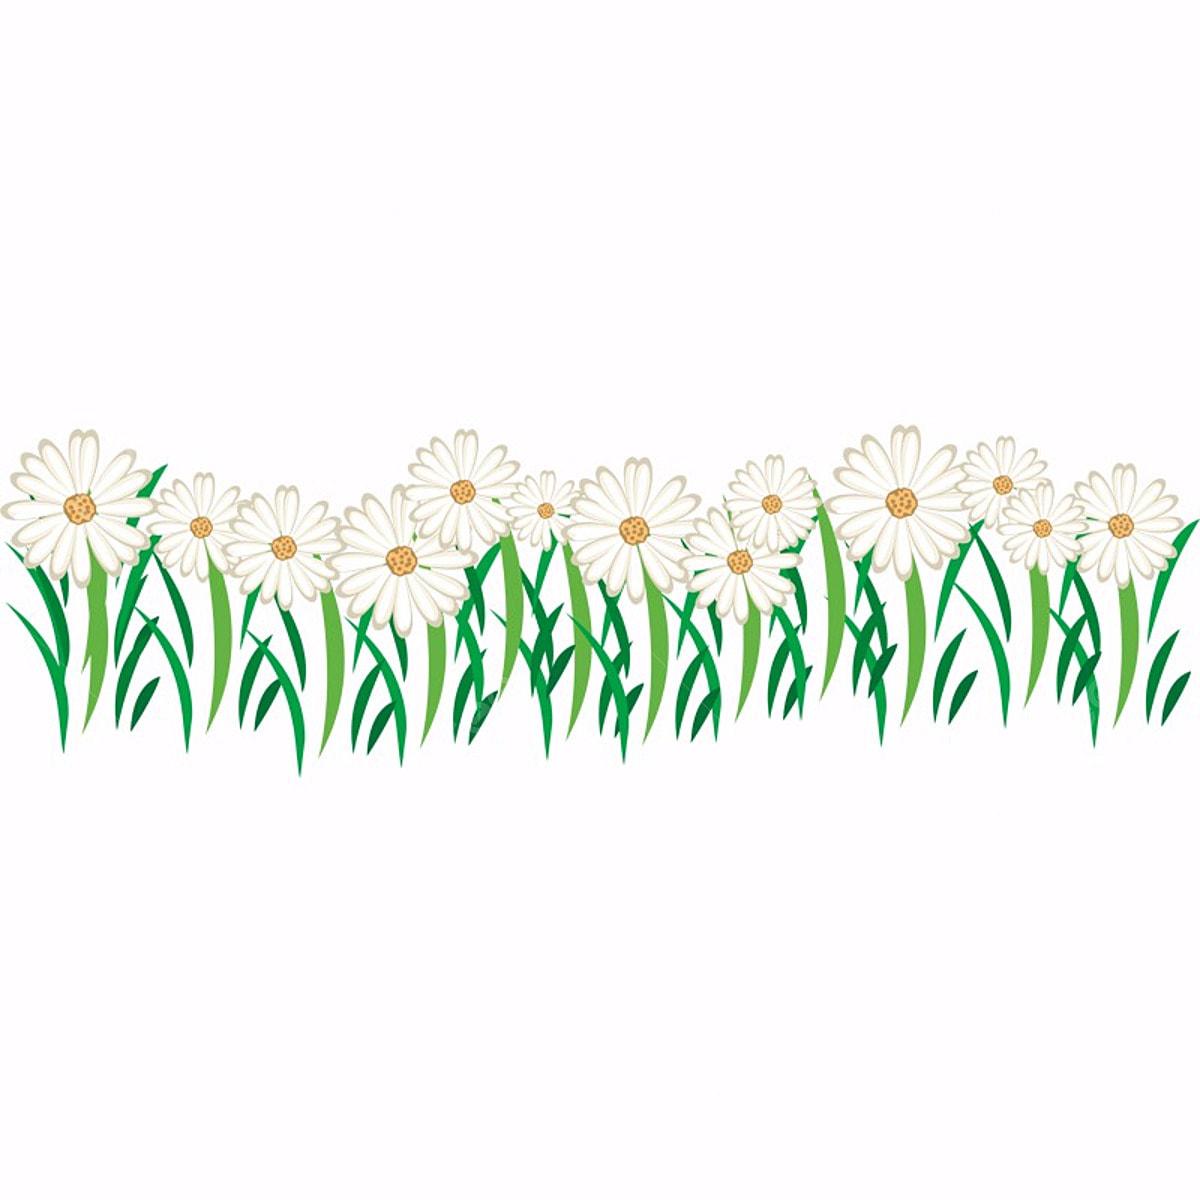 Background scene with flowers in garden - Download Free Vectors, Clipart  Graphics & Vector Art